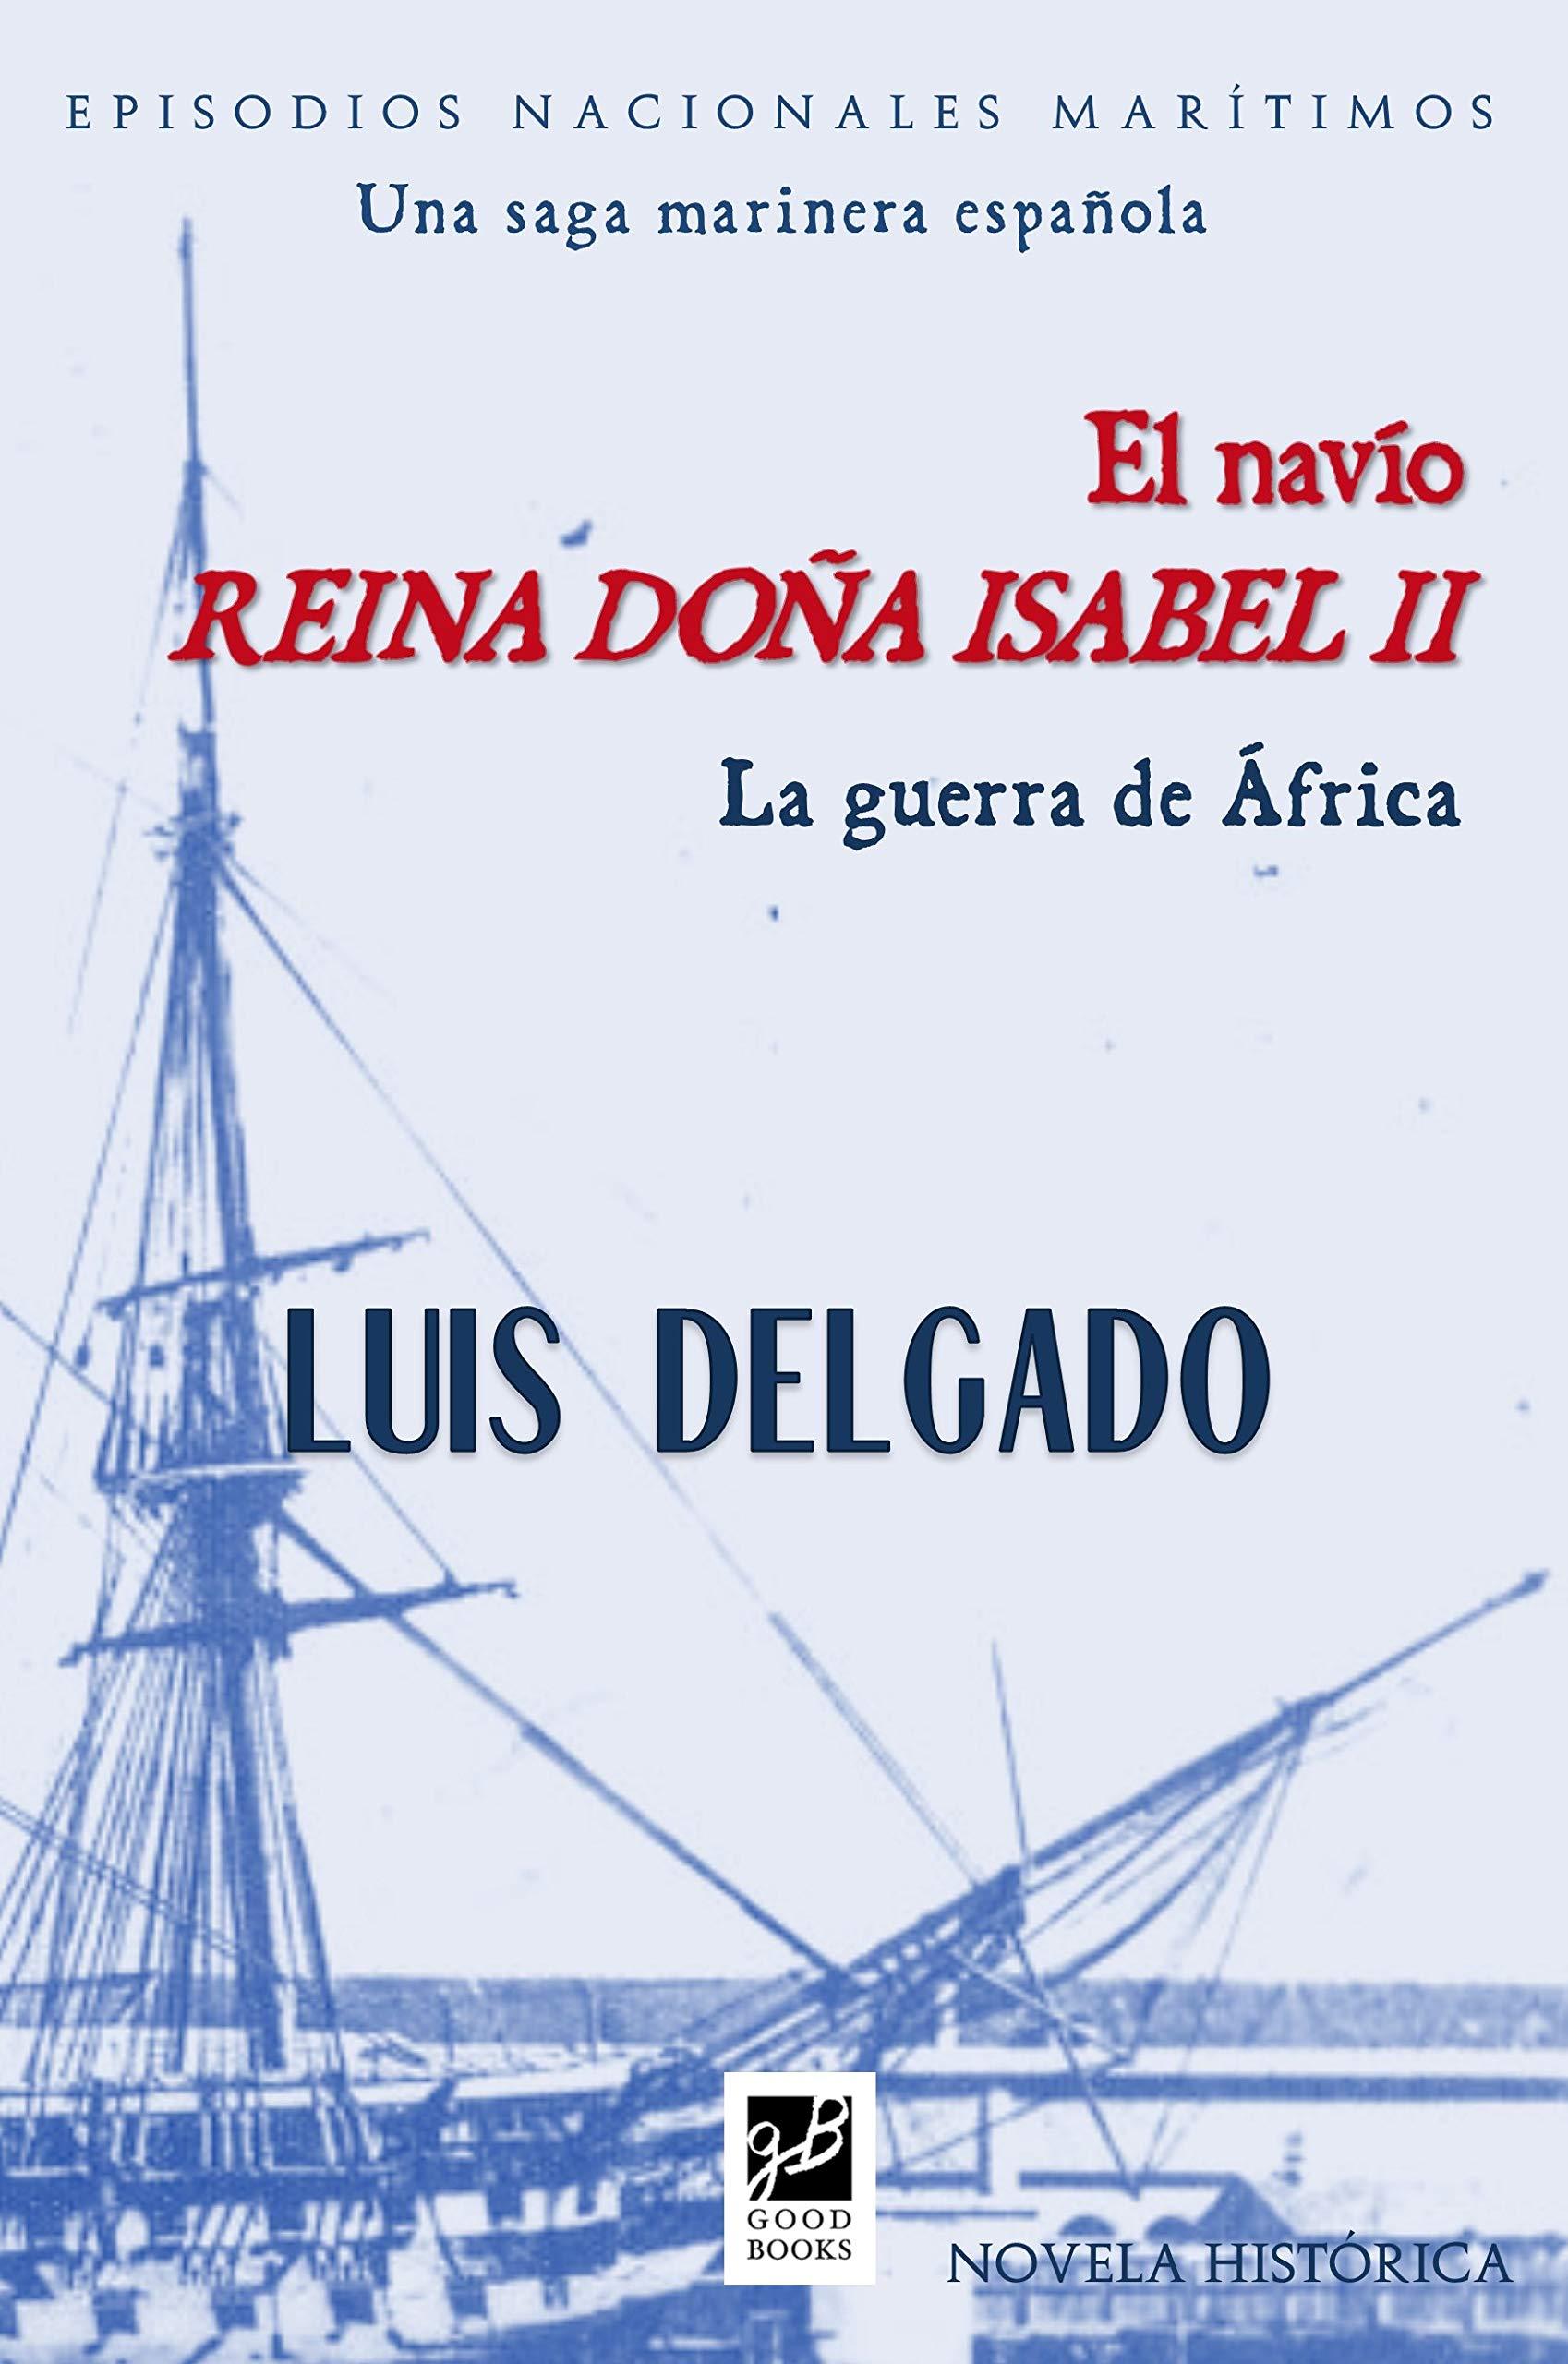 Navío Reina Doña Isabel II: La guerra de África (Episodios Nacionales Marítimos nº 29)